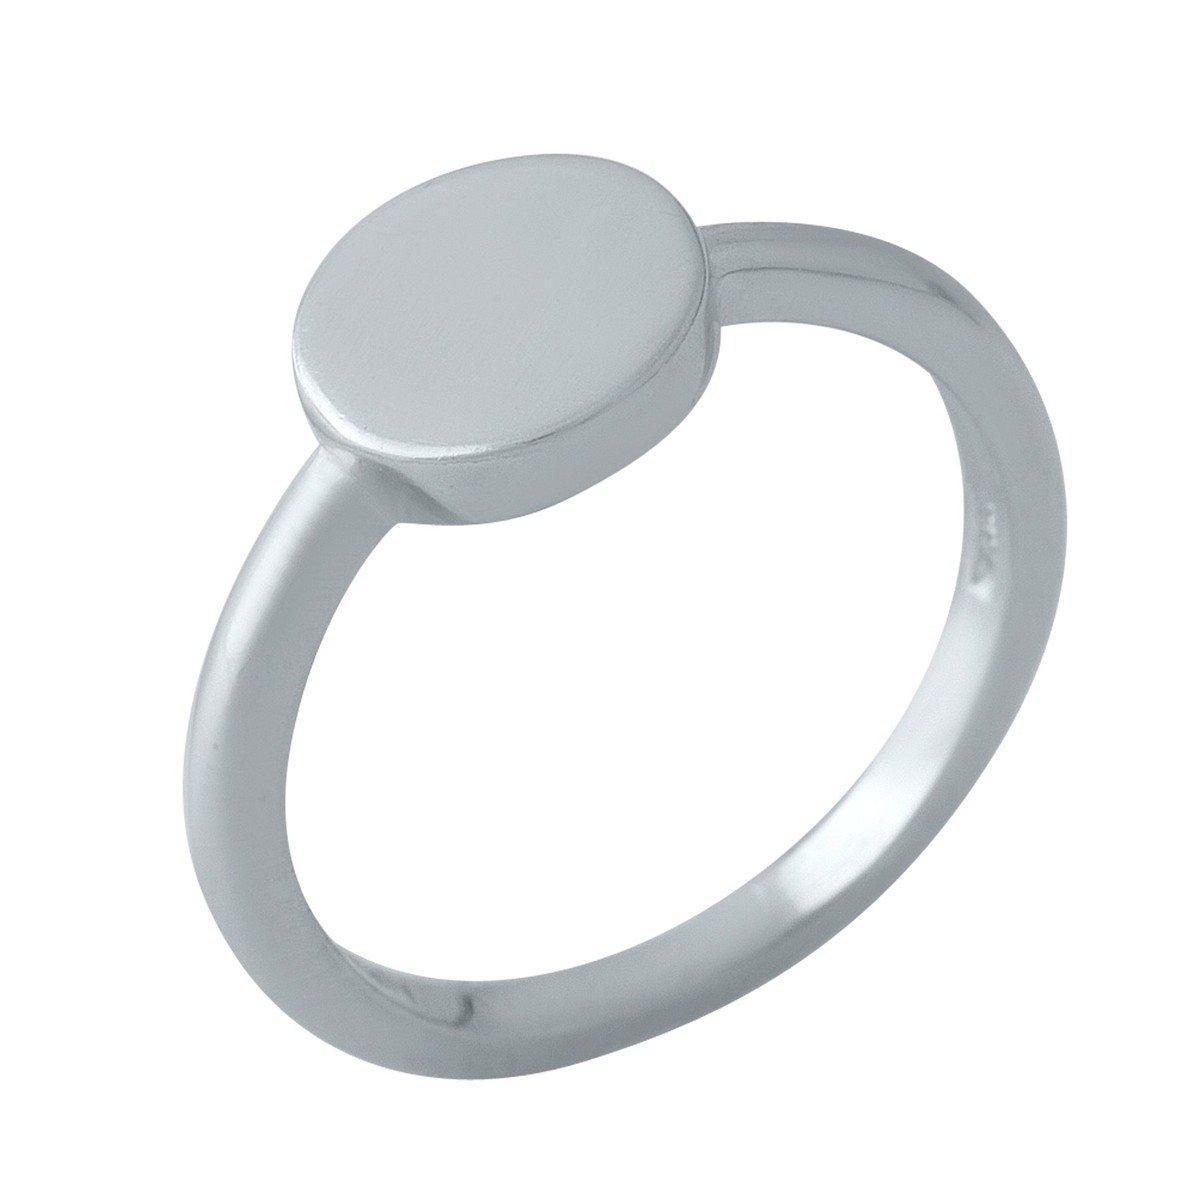 Серебряное кольцо DreamJewelry без камней (2002222) 16.5 размер